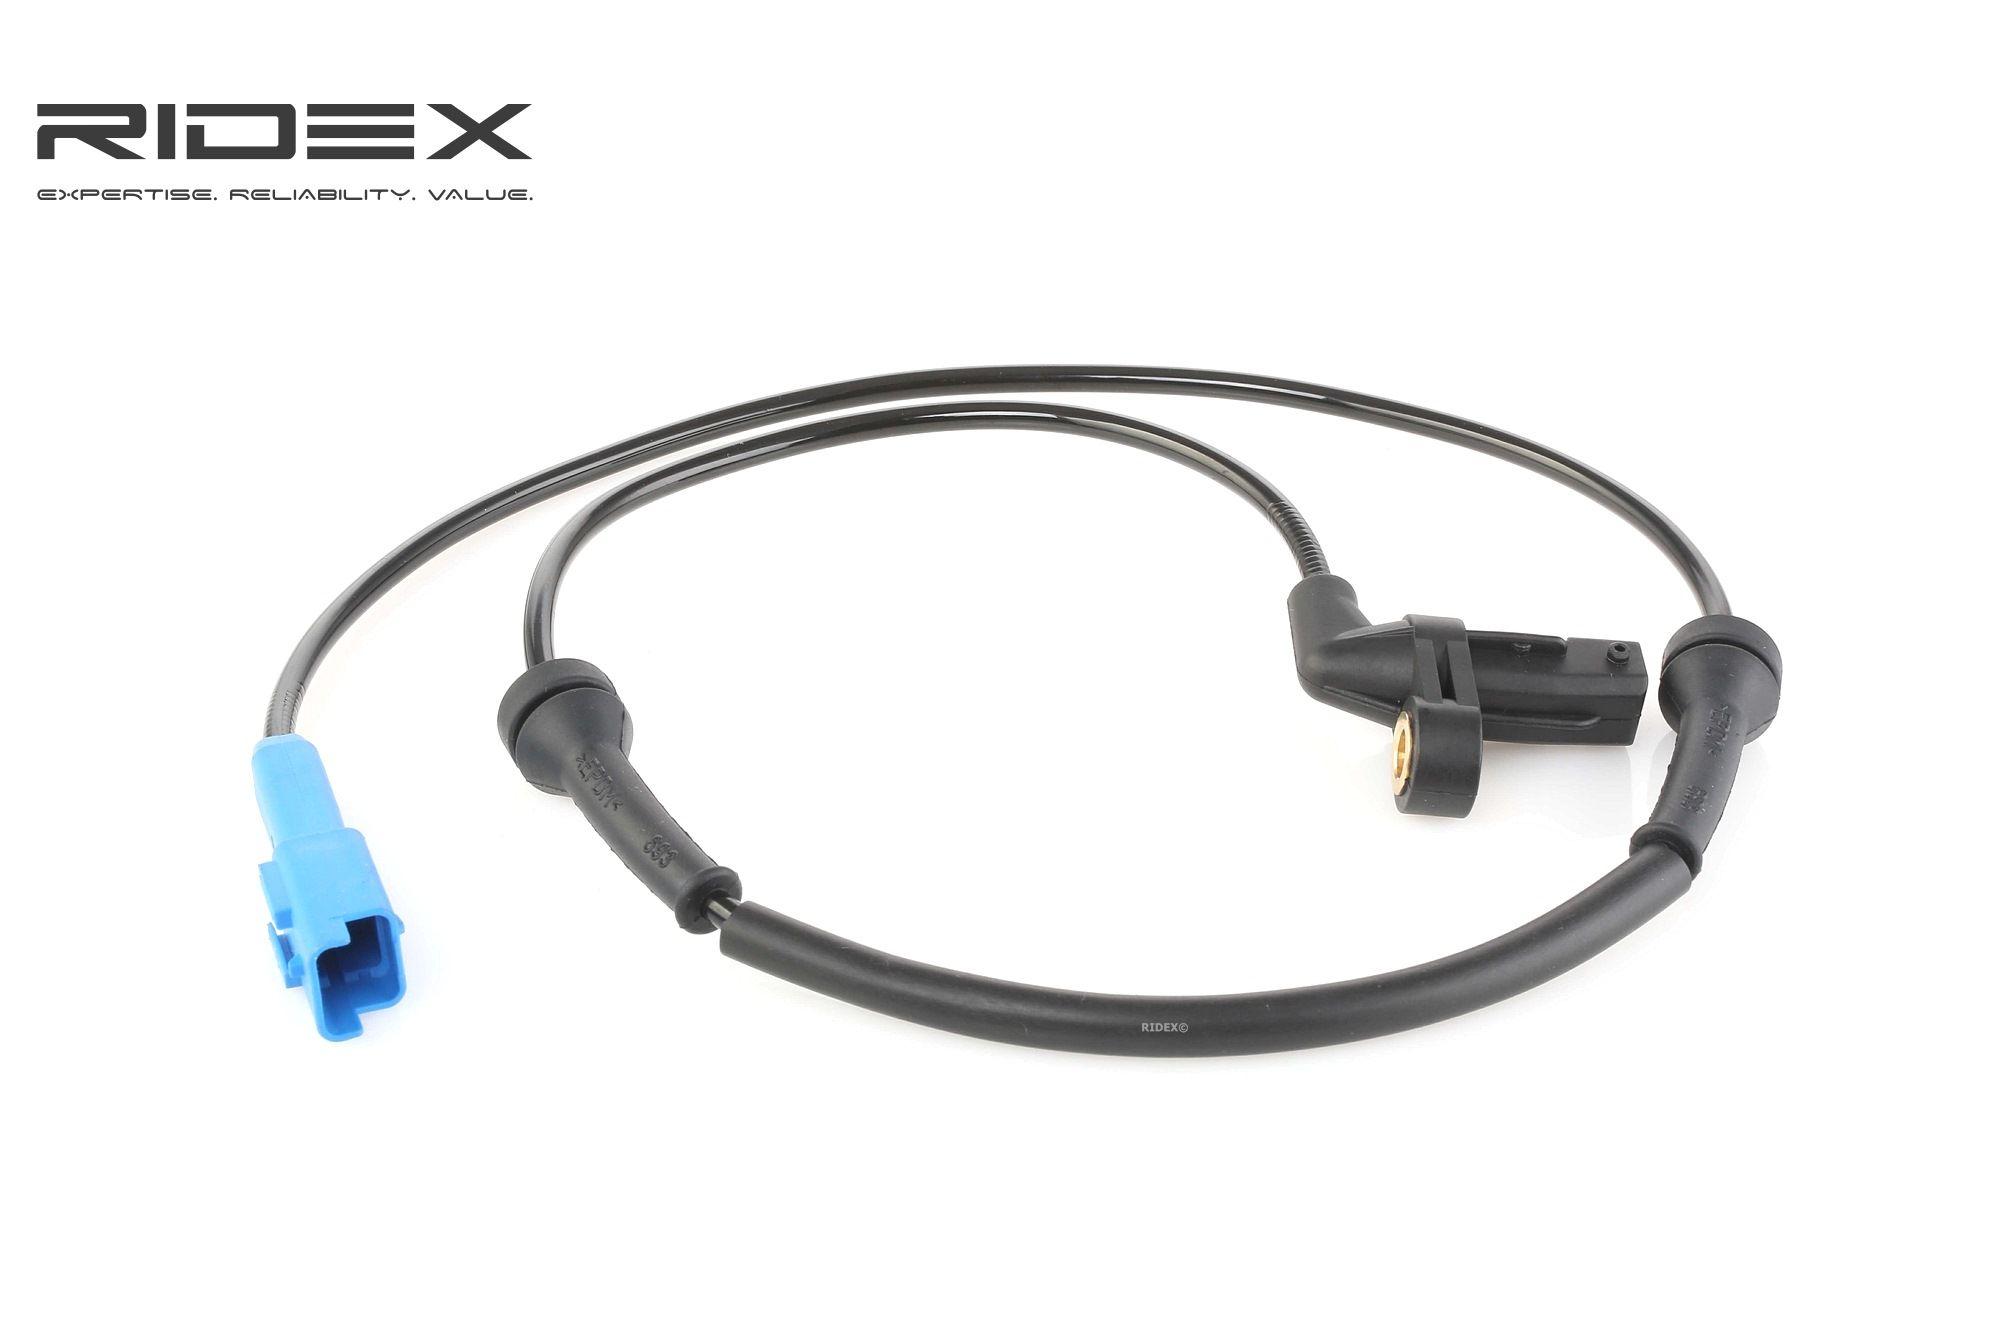 Origine Capteur de roue abs RIDEX 412W0134 (Longueur coque: 865mm, Nombres de pôles: 2pôle)